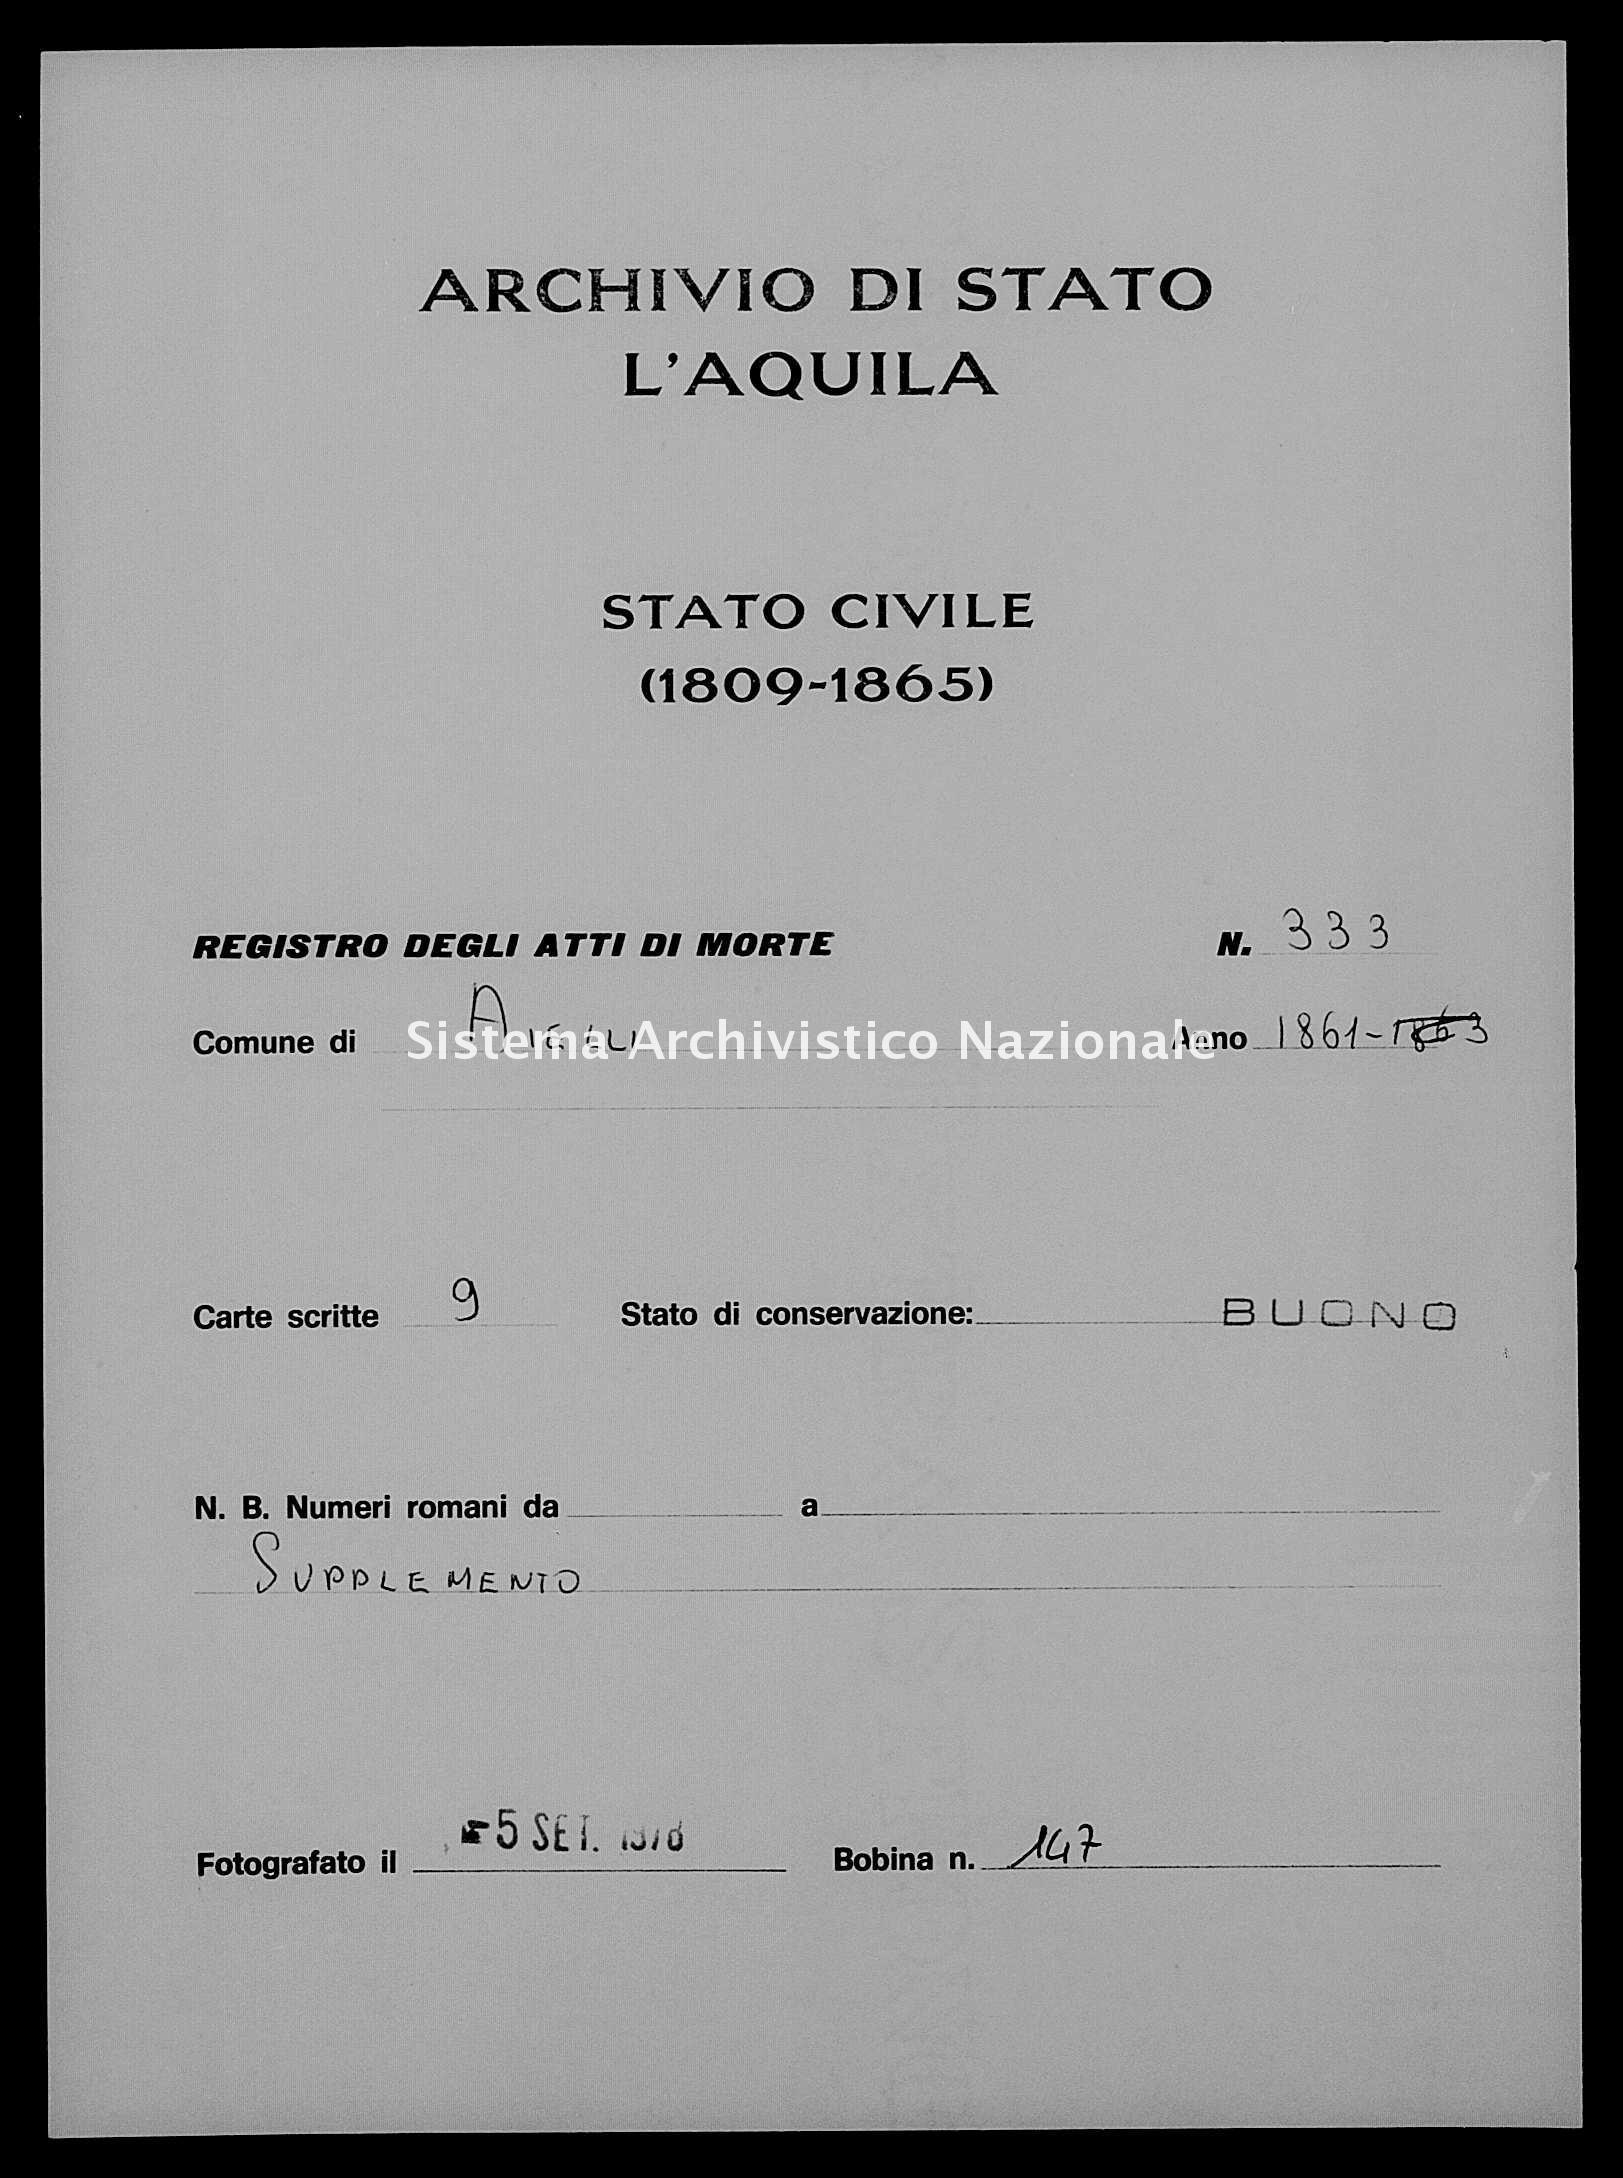 Archivio di stato di L'aquila - Stato civile italiano - Aielli - Morti - 29/10/1861-30/12/1861 - 333 -